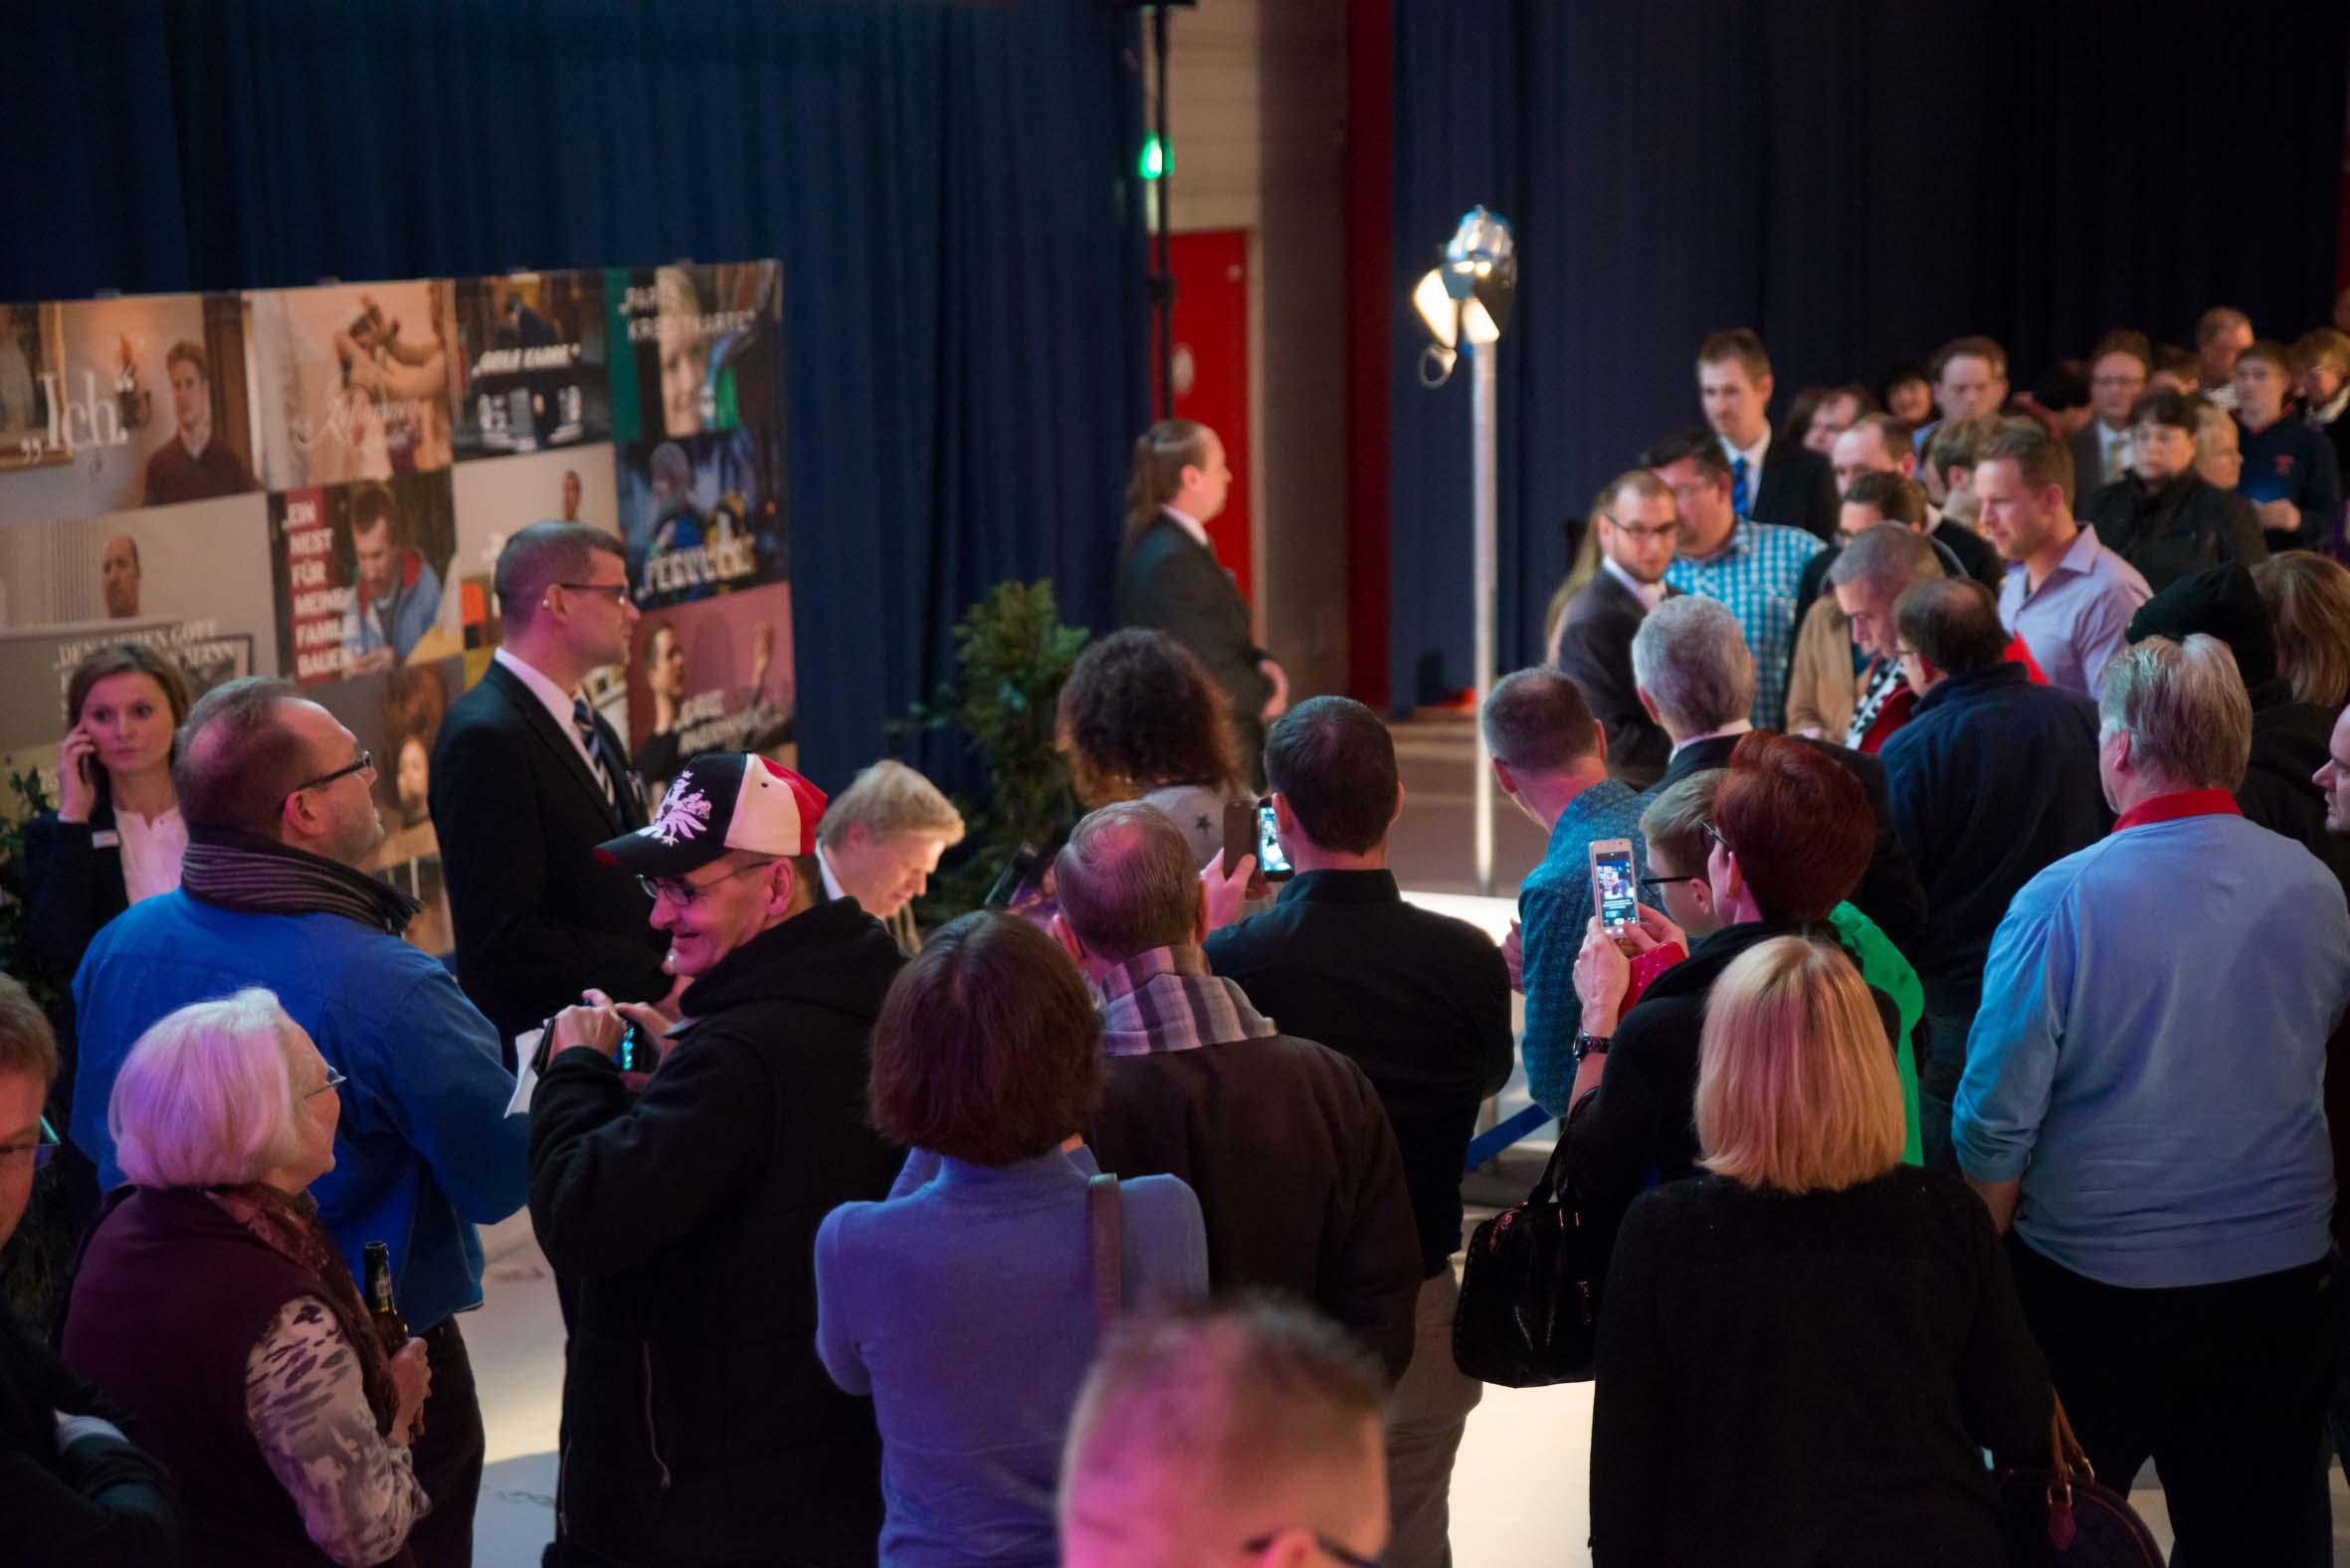 Bildergalerie Mitgliederversammlung 2015 in Gießen, Bild 75